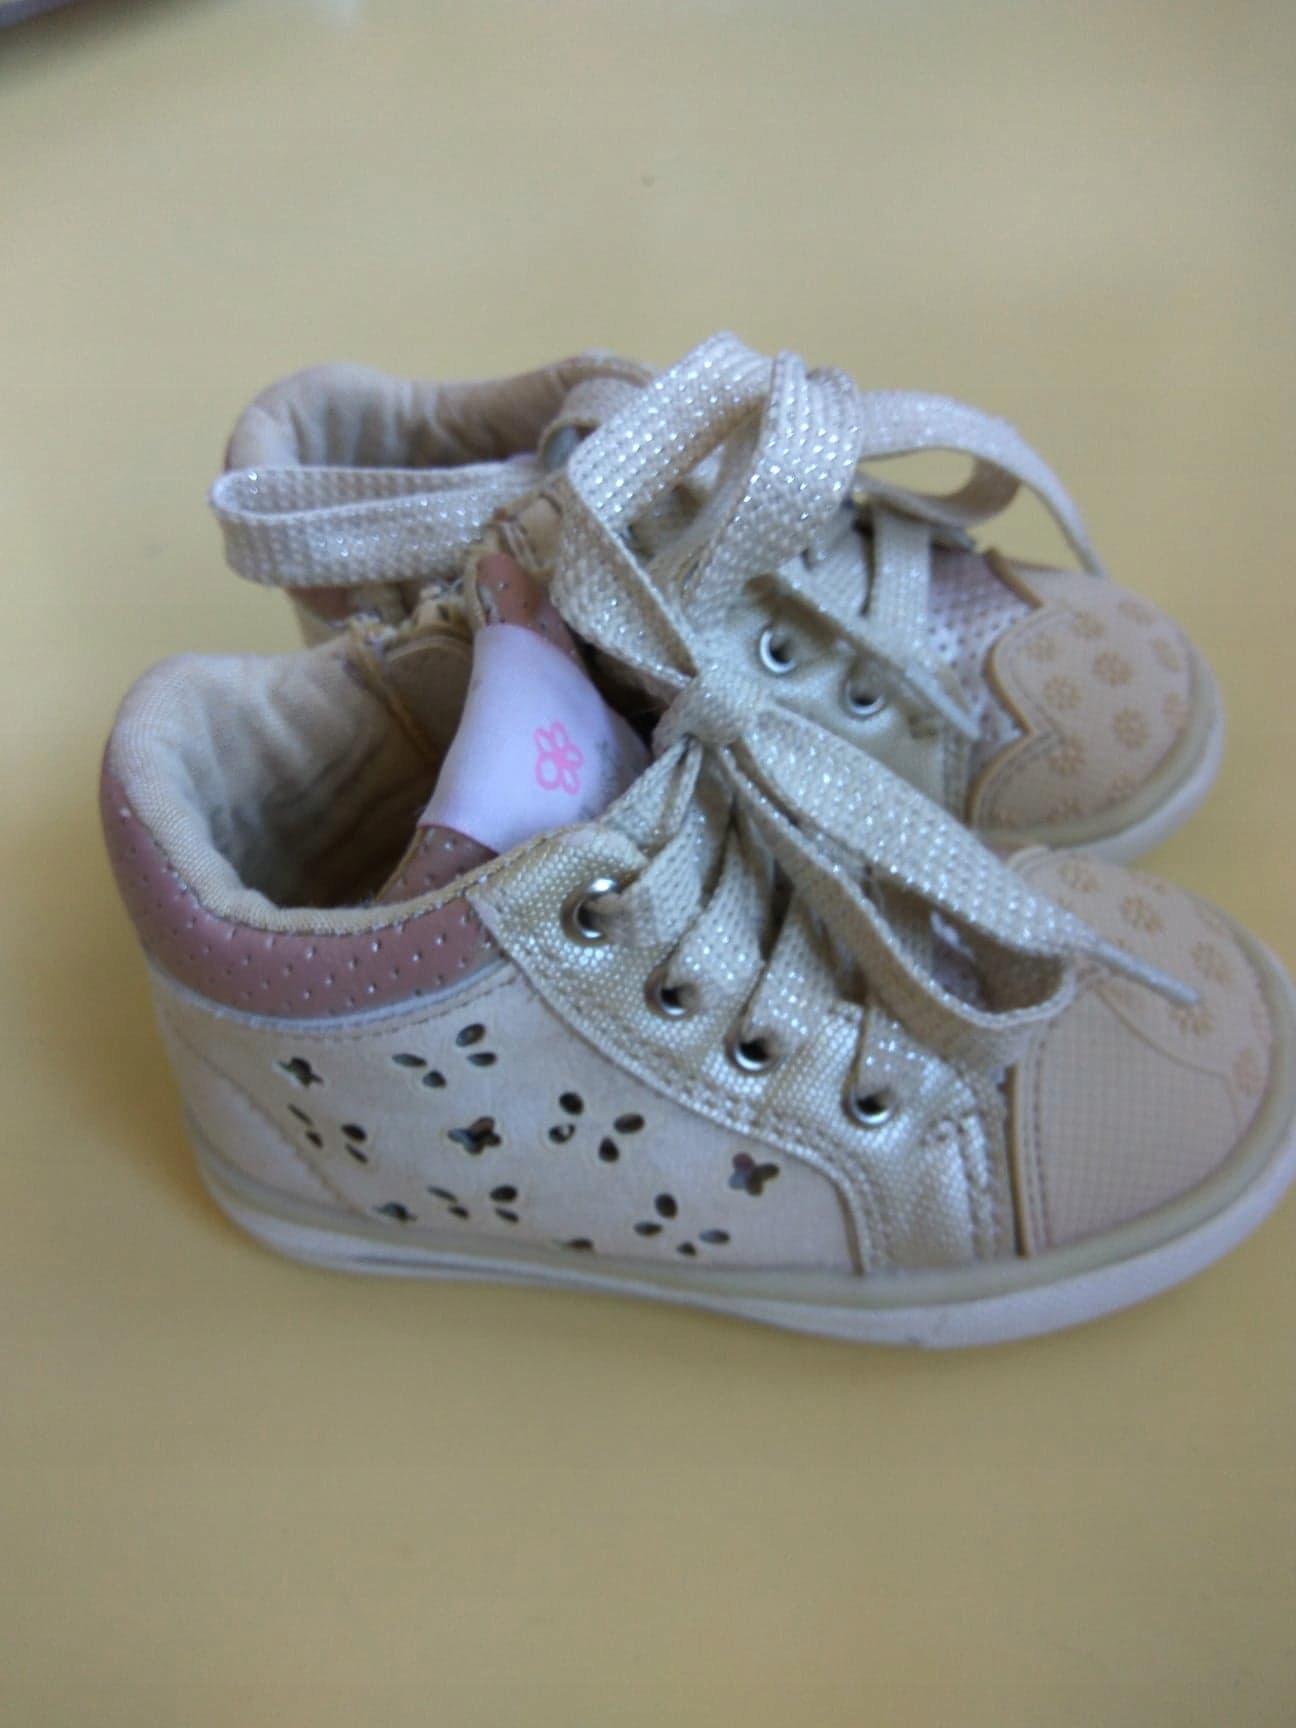 Buty dla dziewczynki Botki rozm. 21